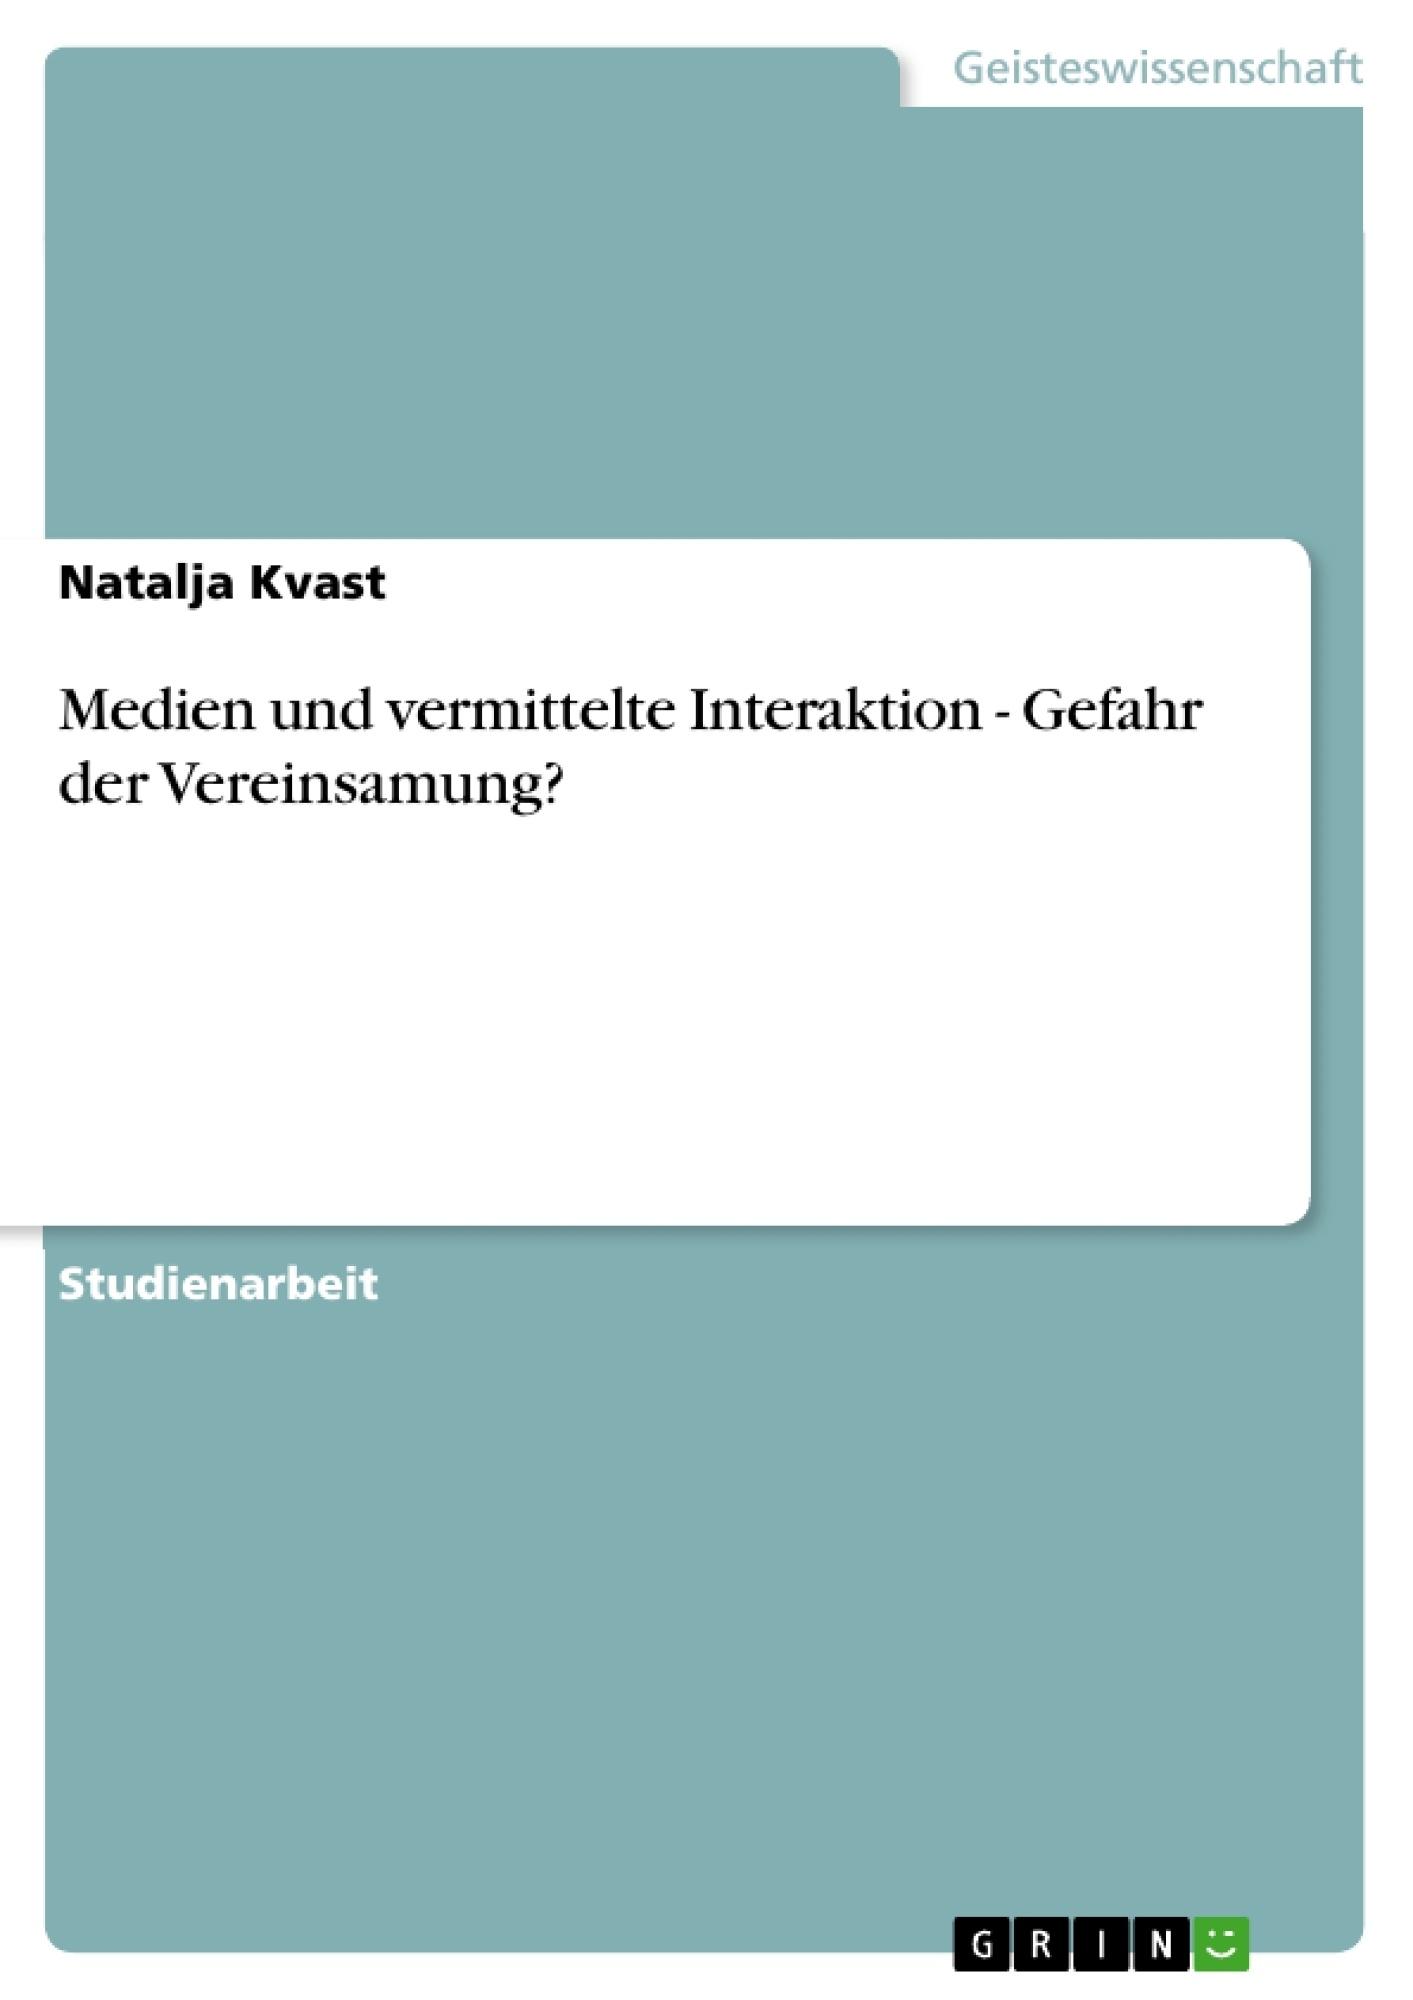 Titel: Medien und vermittelte Interaktion - Gefahr der Vereinsamung?